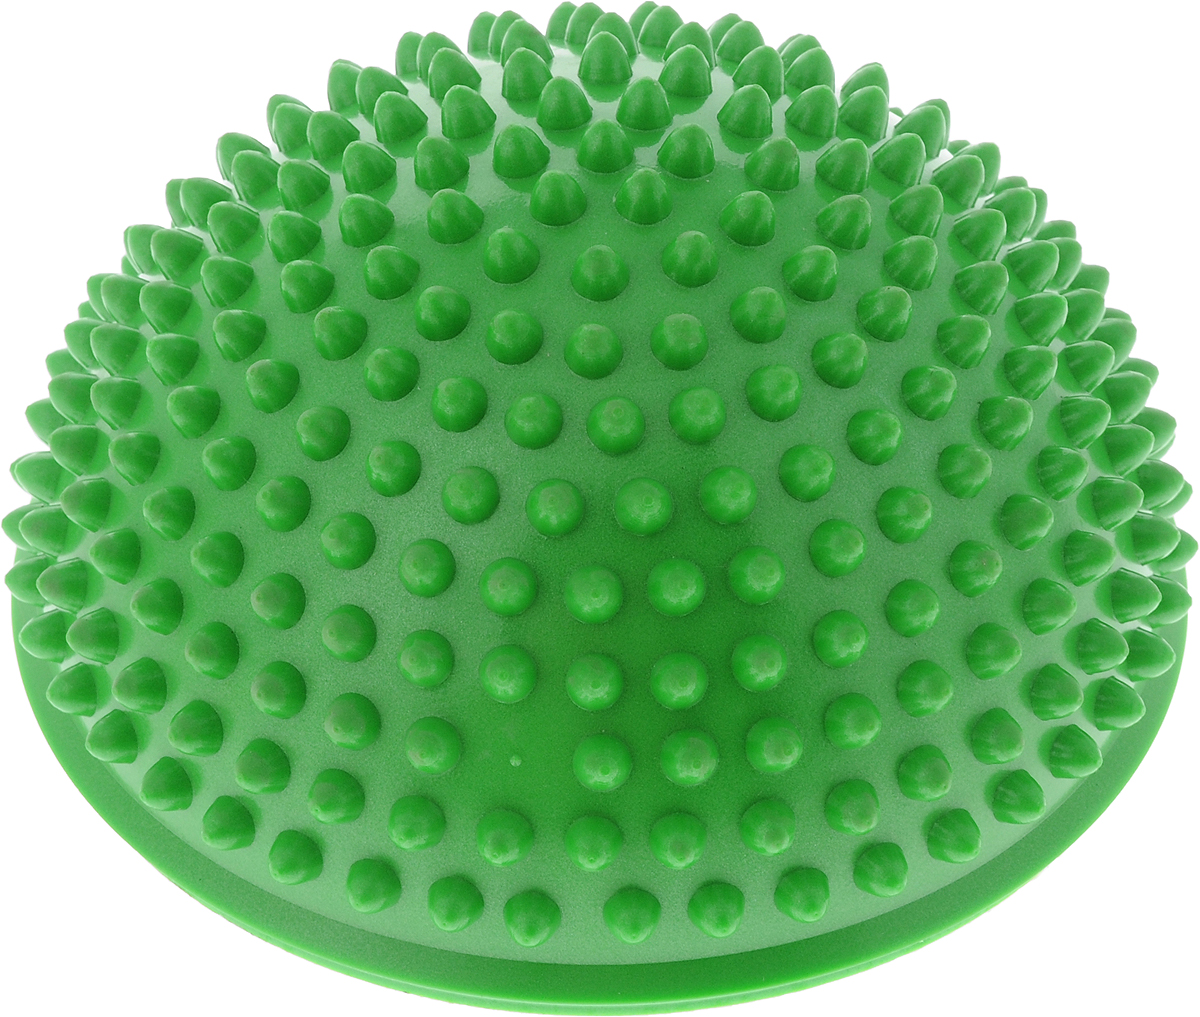 Полусфера балансировочная Bradex, цвет: зеленый, 16,5 х 16,5 х 9 смSF 0245Балансировочная сфера Bradex изготовлена из поливинилхлорида. Массажная балансировочная полусфера поможет проработать глубокие мышцы, укрепляя мышечный корсет, одновременно стимулируя ткани стоп или ладоней. Получайте наслаждение от занятий спортом, используя балансировочную полусферу Bradex.Материал: поливинилхлорид.Размеры:16,5 х 16,5 х 9 см.Вес: 260 г